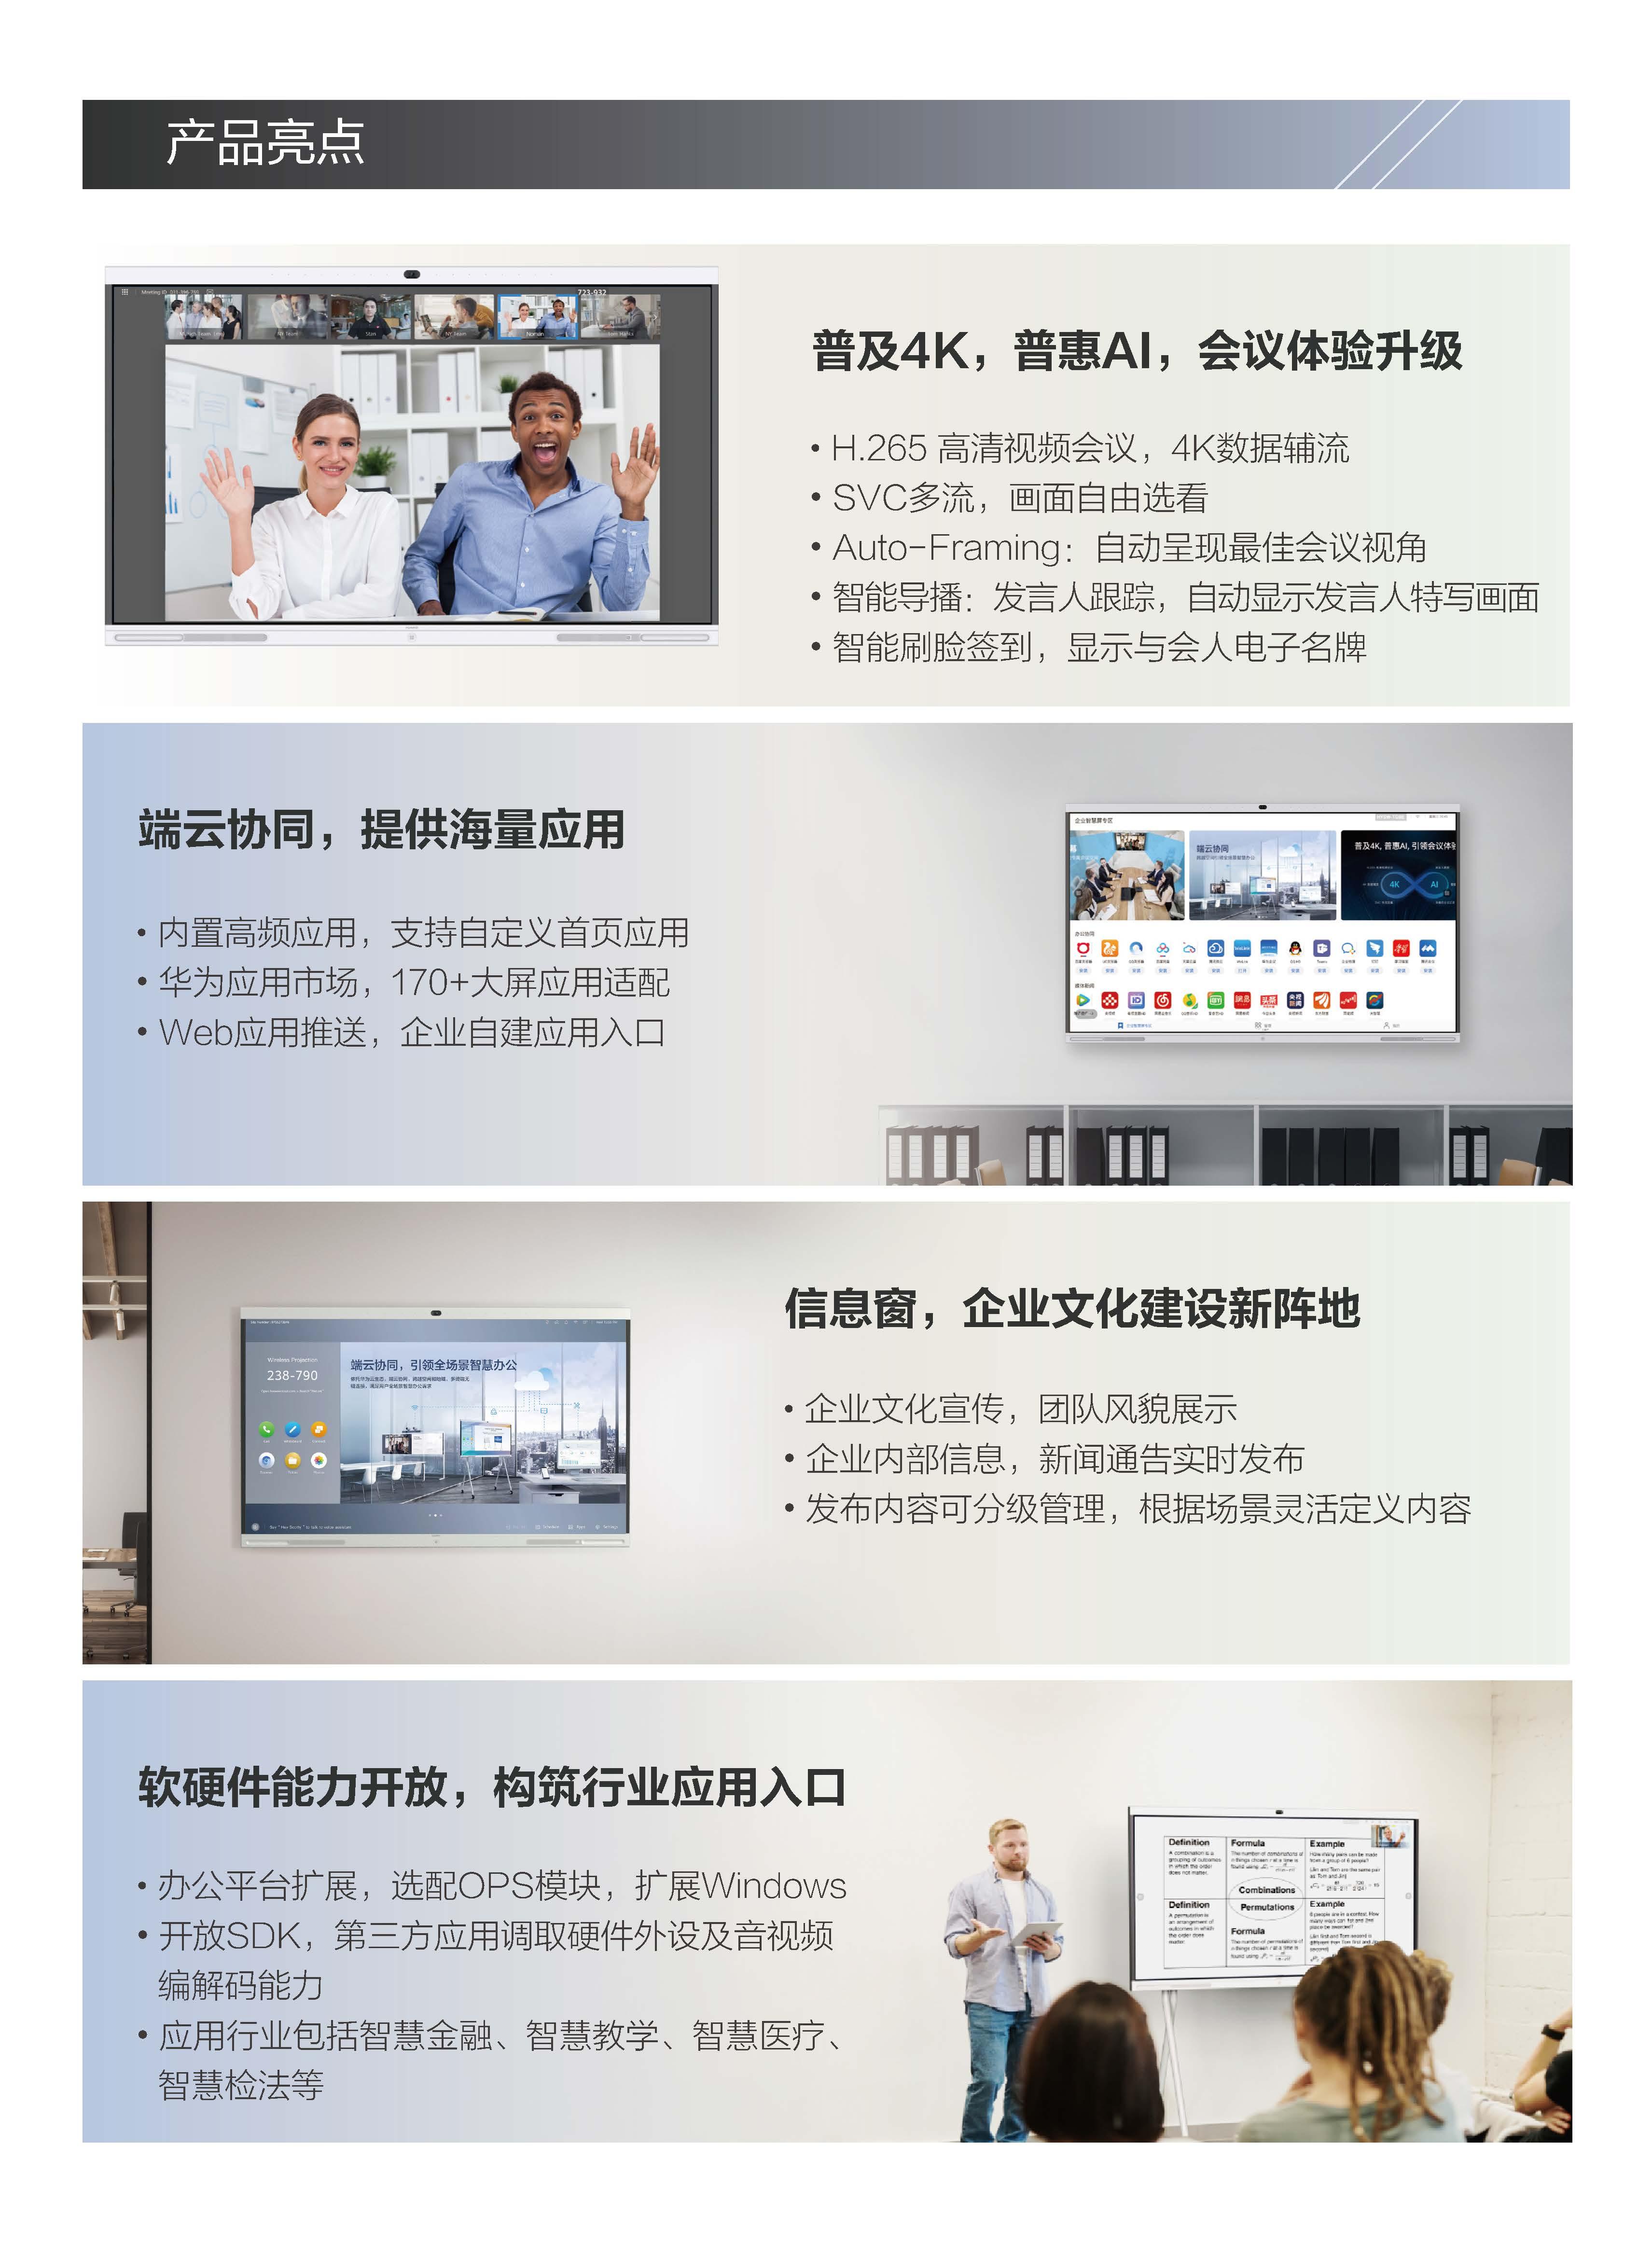 华为企业智慧屏IdeaHub彩页_页面_4.jpg